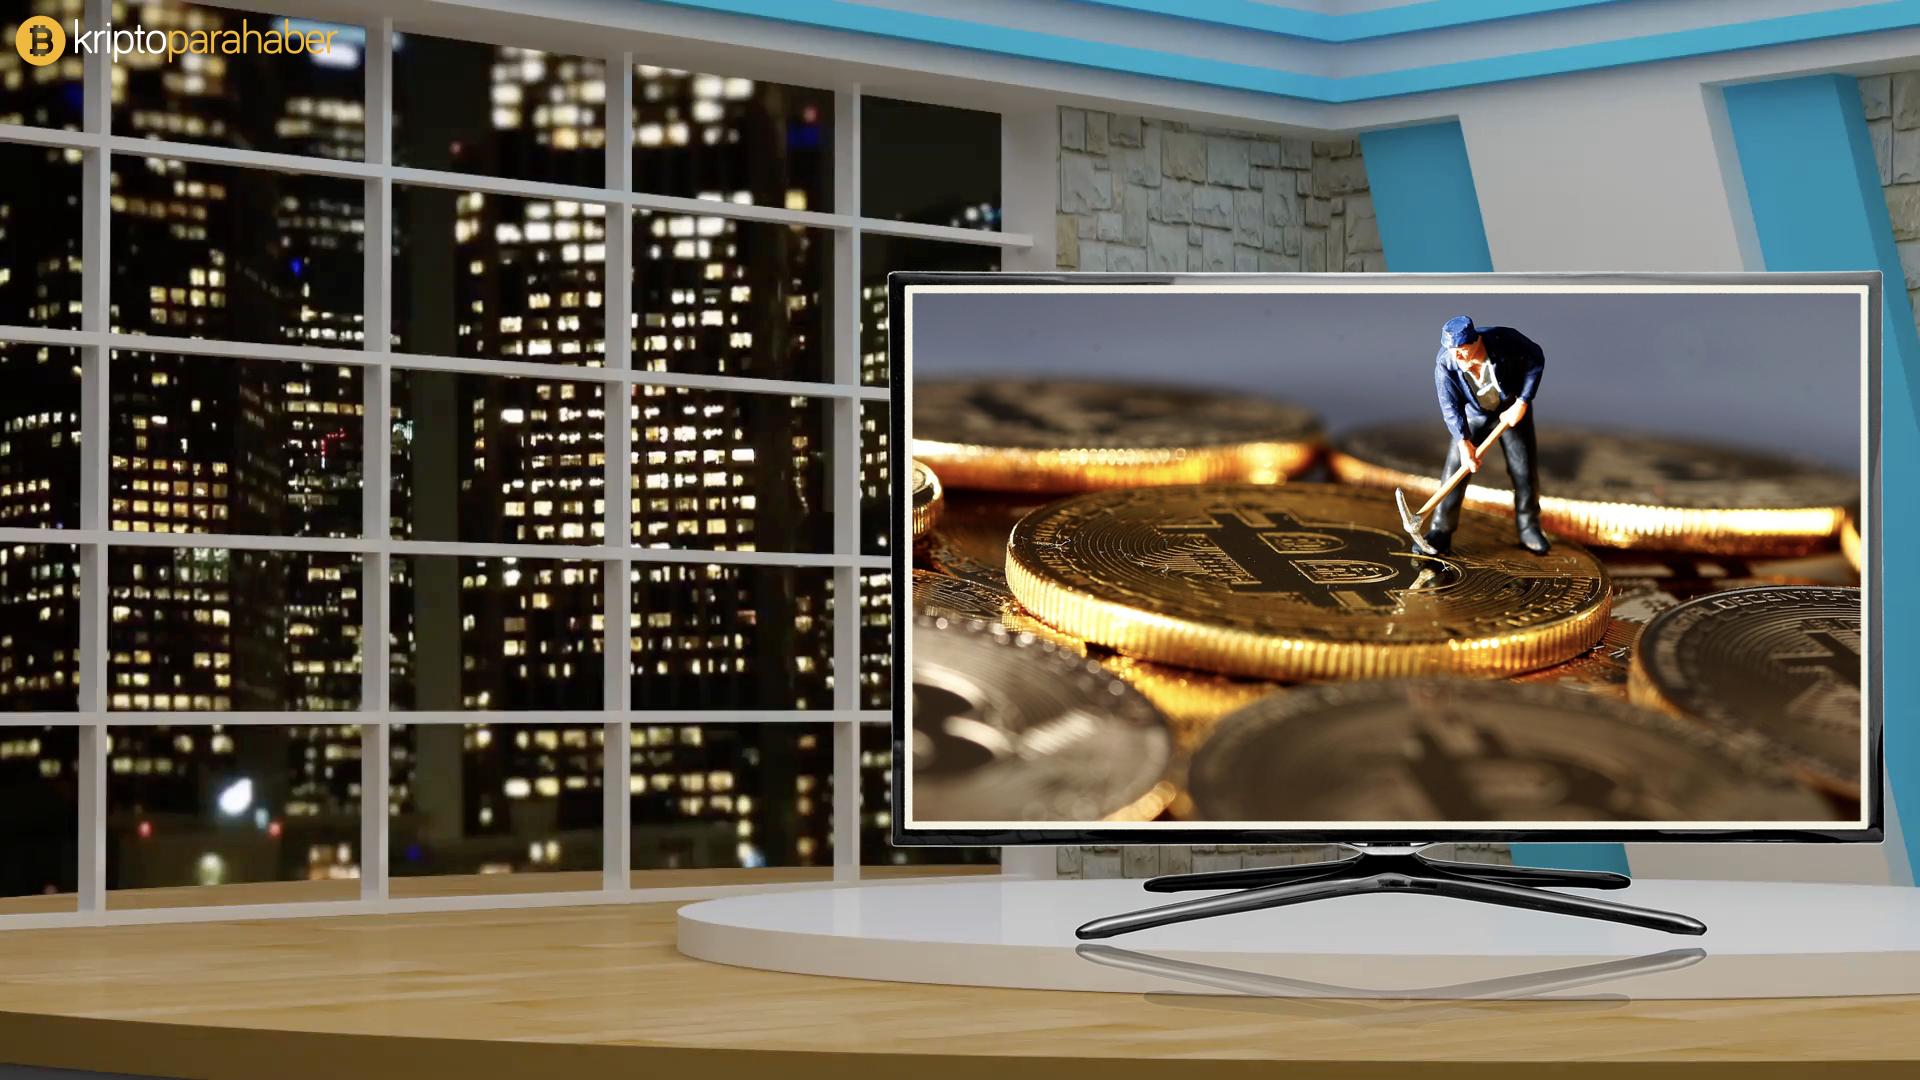 Canaan dünyanın ilk Bitcoin madenciliği televizyonunu tanıttı.